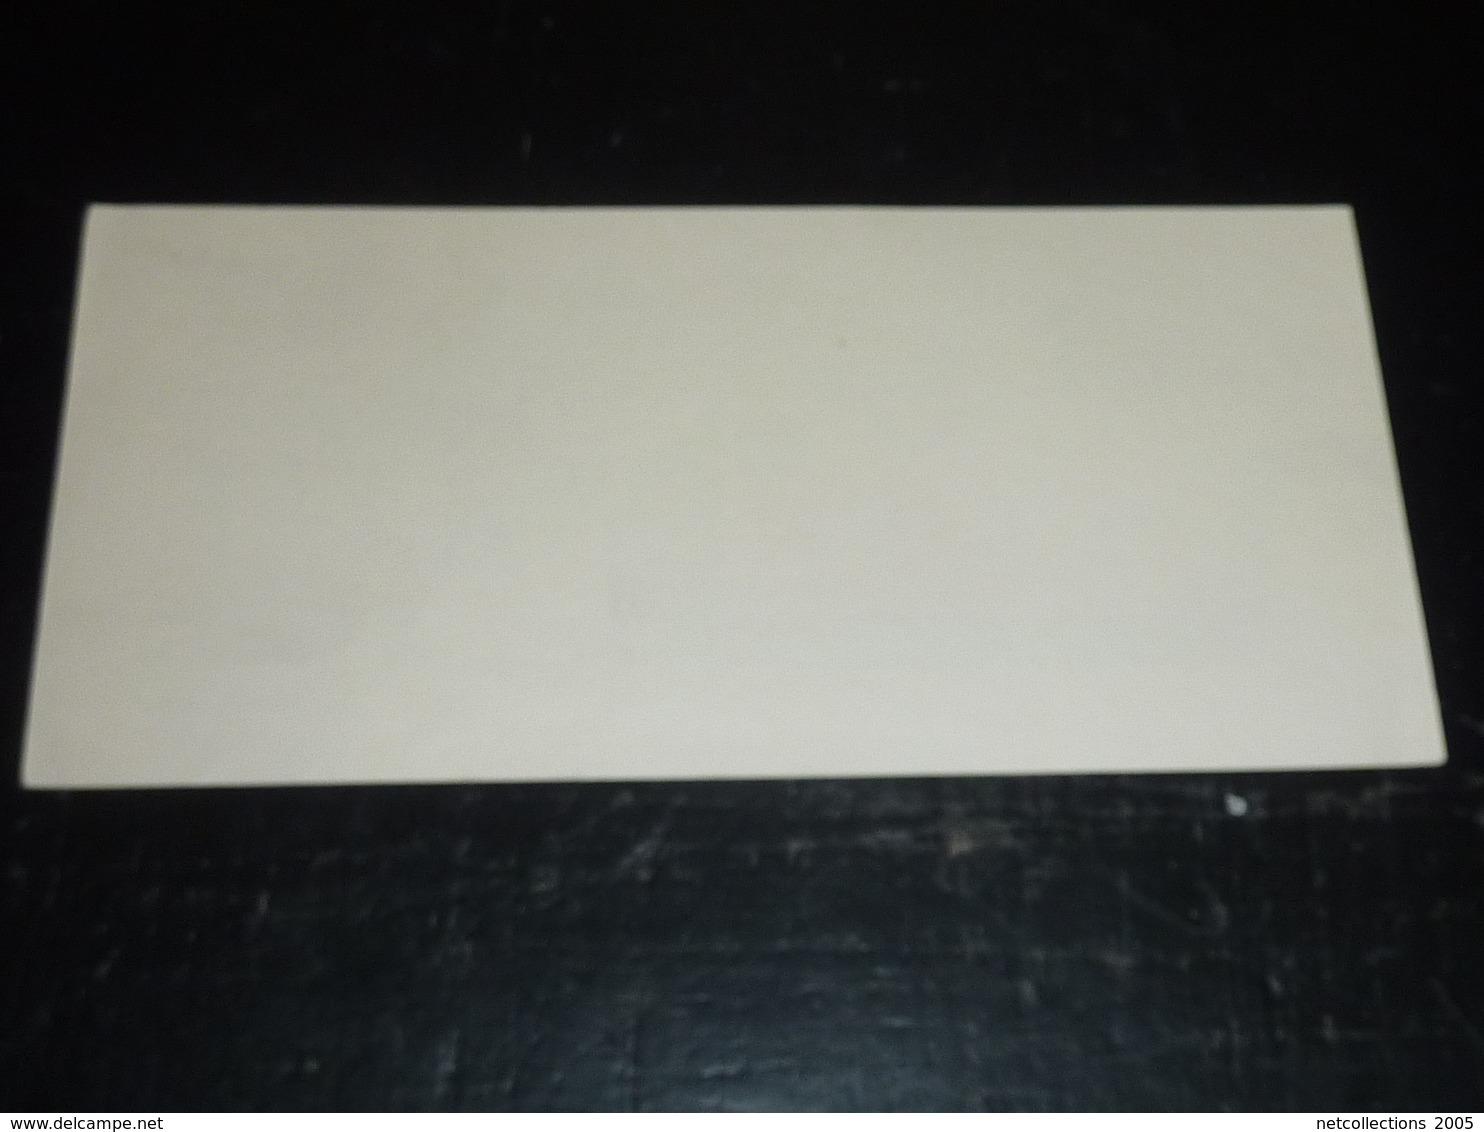 BUVARD - ON N'EST PLUS EN 1900 AUJOURD'HUI LA CUISINE ELECTRIQUE - DESSIN D'APRES JEAN COLIN (AD) - Vloeipapier